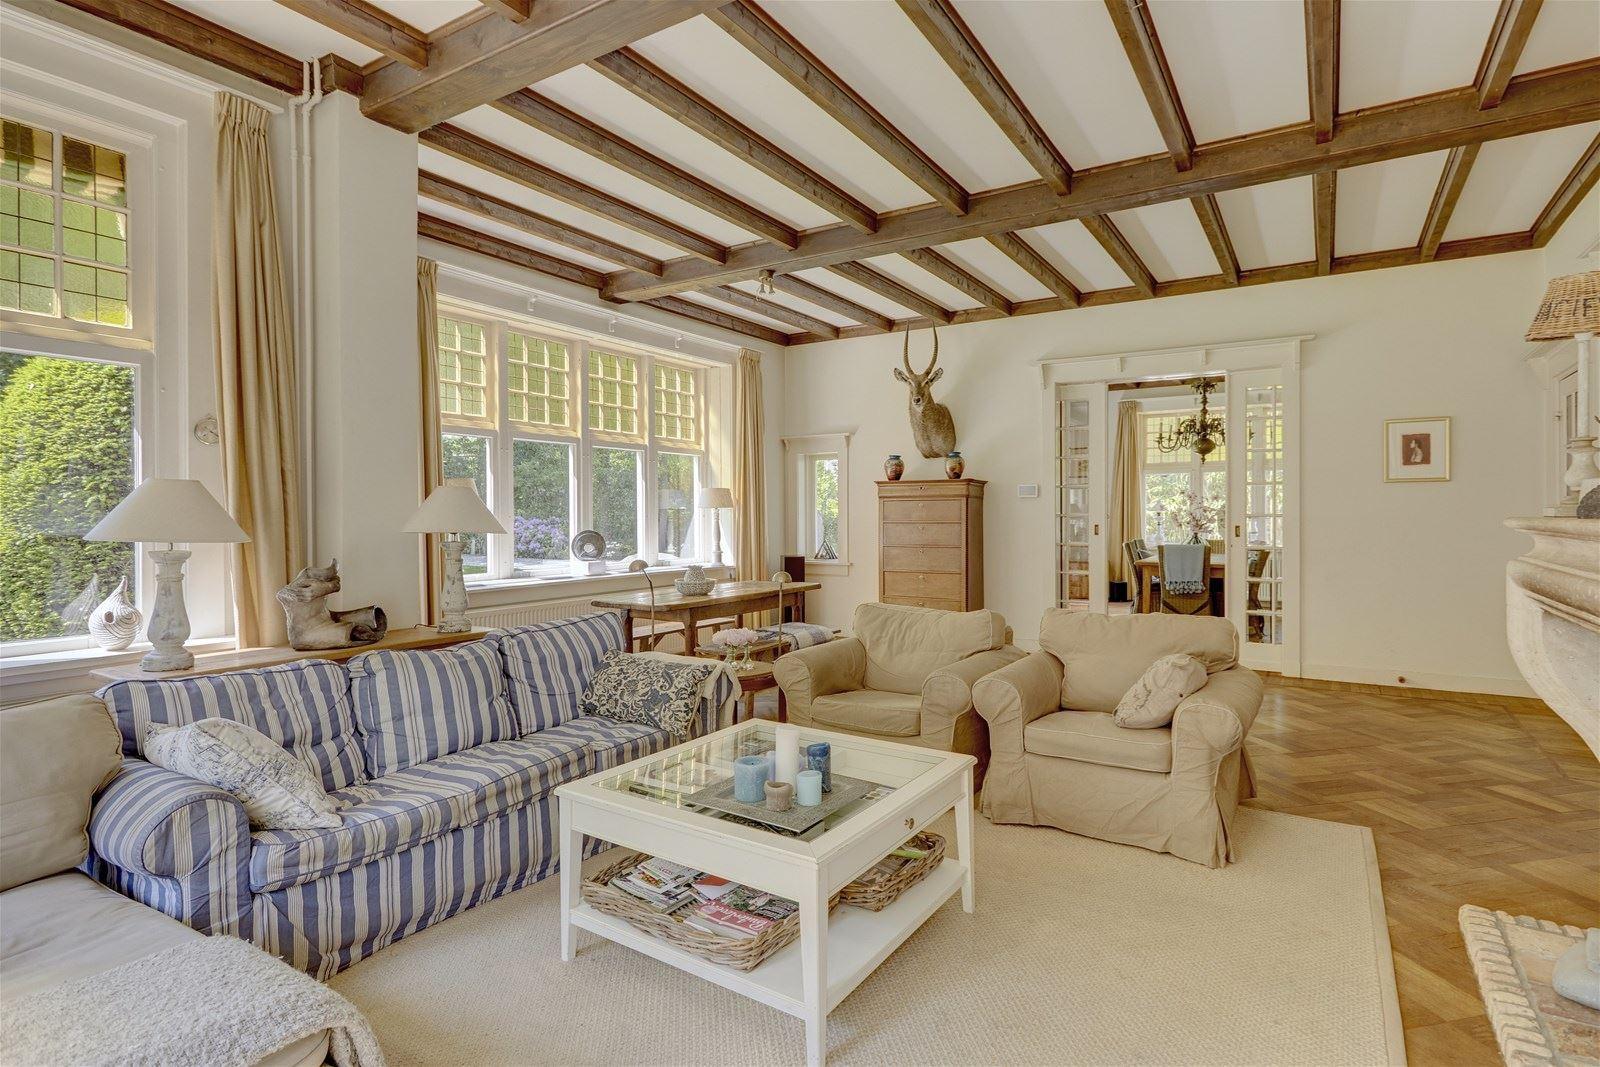 Nhà ở quê đẹp yên bình với những khoảng không gian ngập tràn ánh sáng - Ảnh 11.